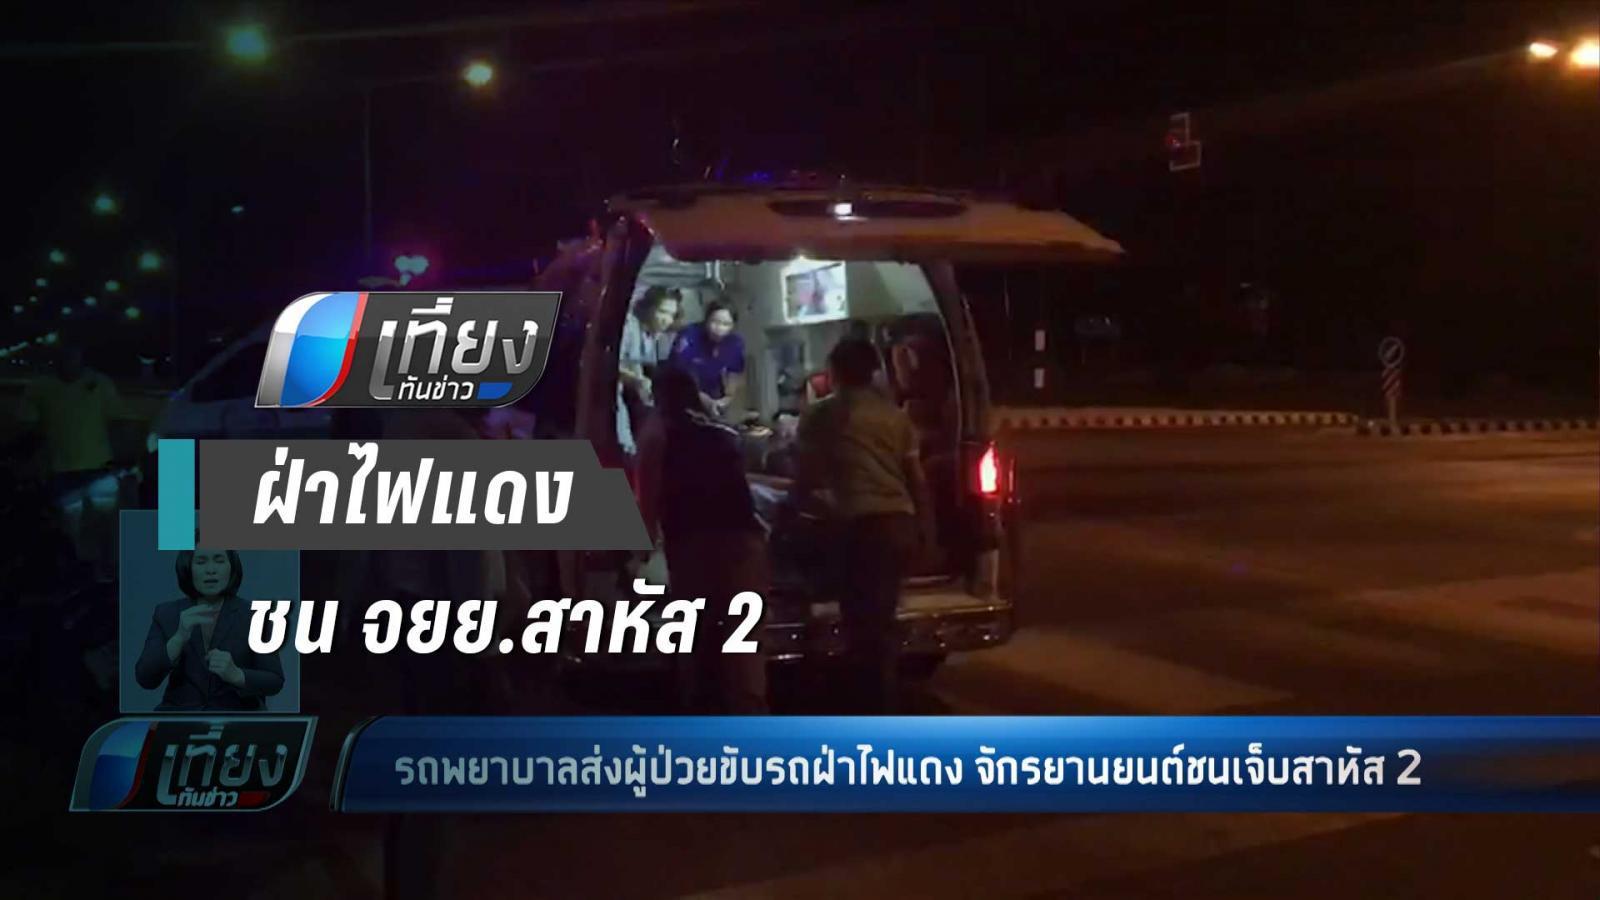 รถพยาบาลส่งผู้ป่วยขับรถฝ่าไฟแดง ชน จยย.เจ็บสาหัส 2